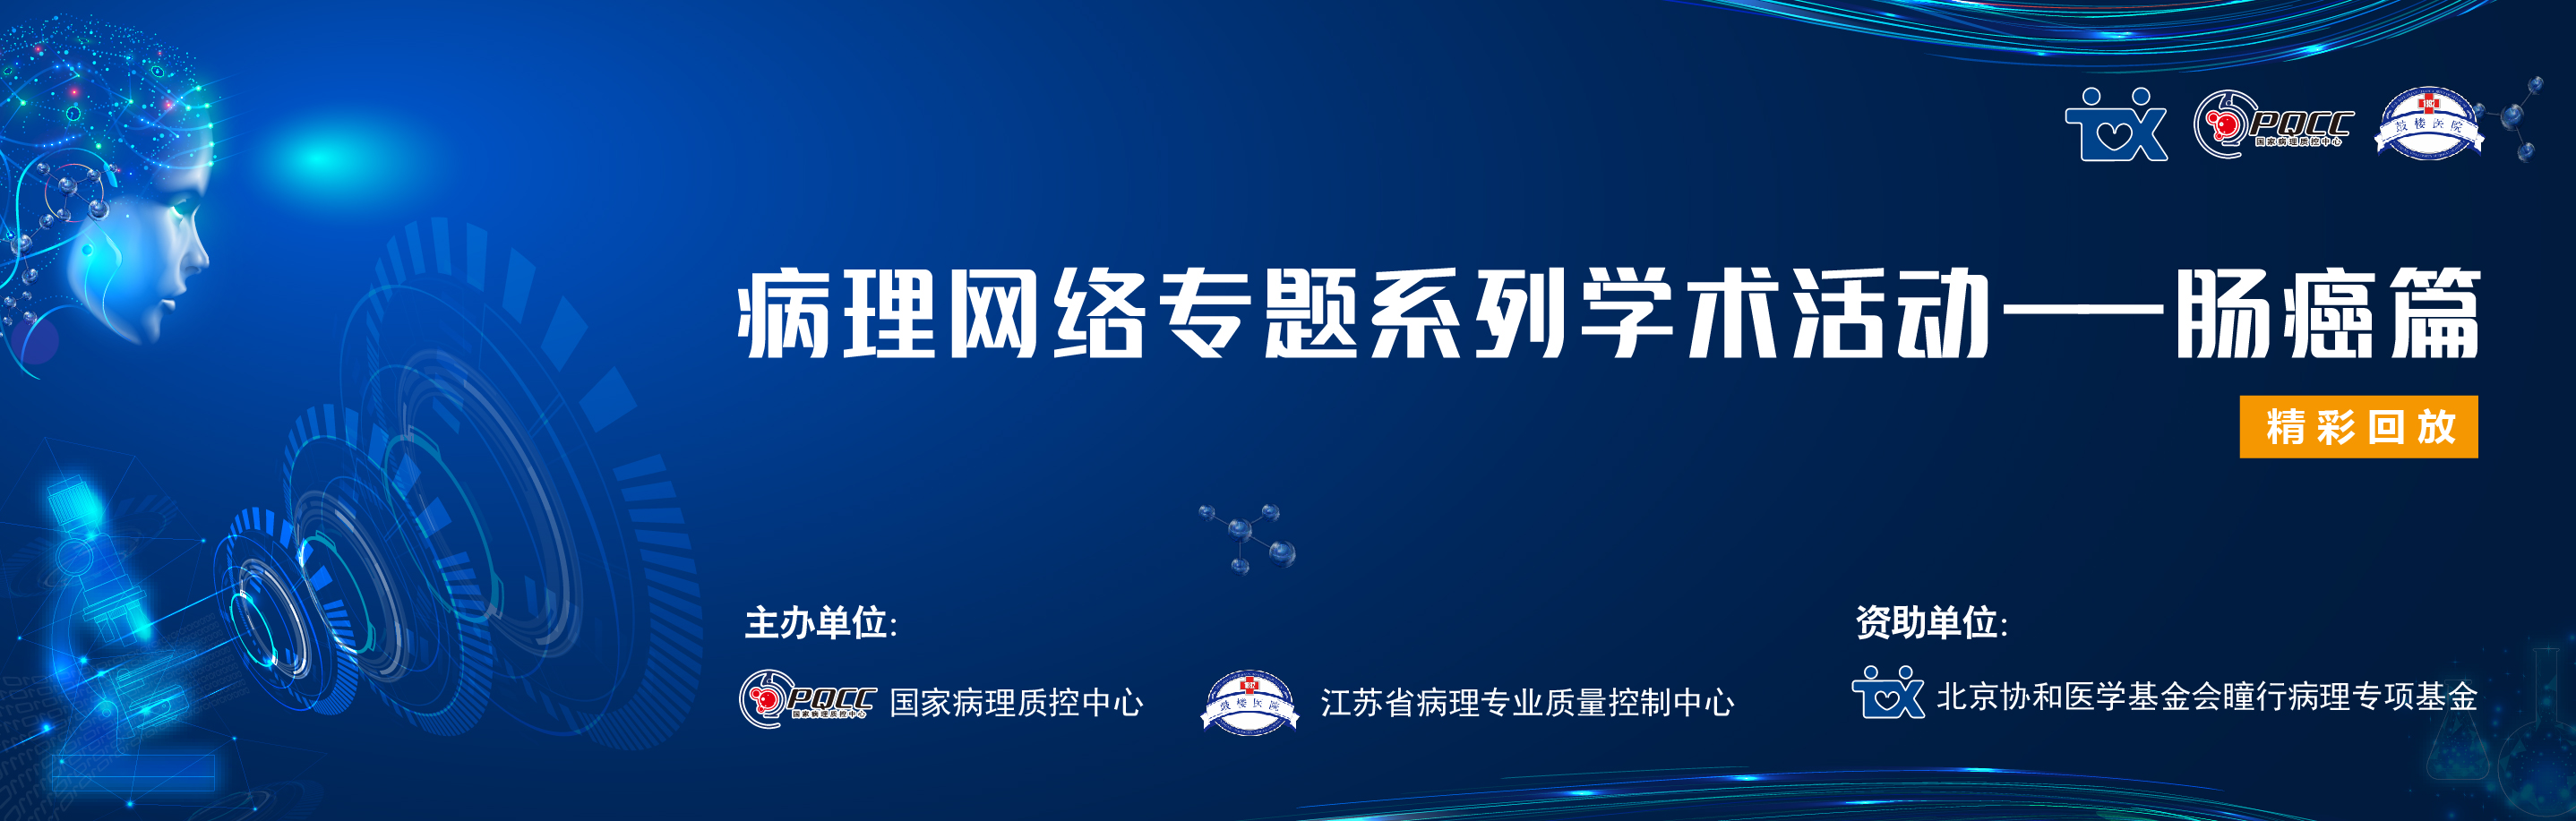 北京协和医学基金会瞳行病理专项基金病理网络专题系列学术活动——肠癌篇